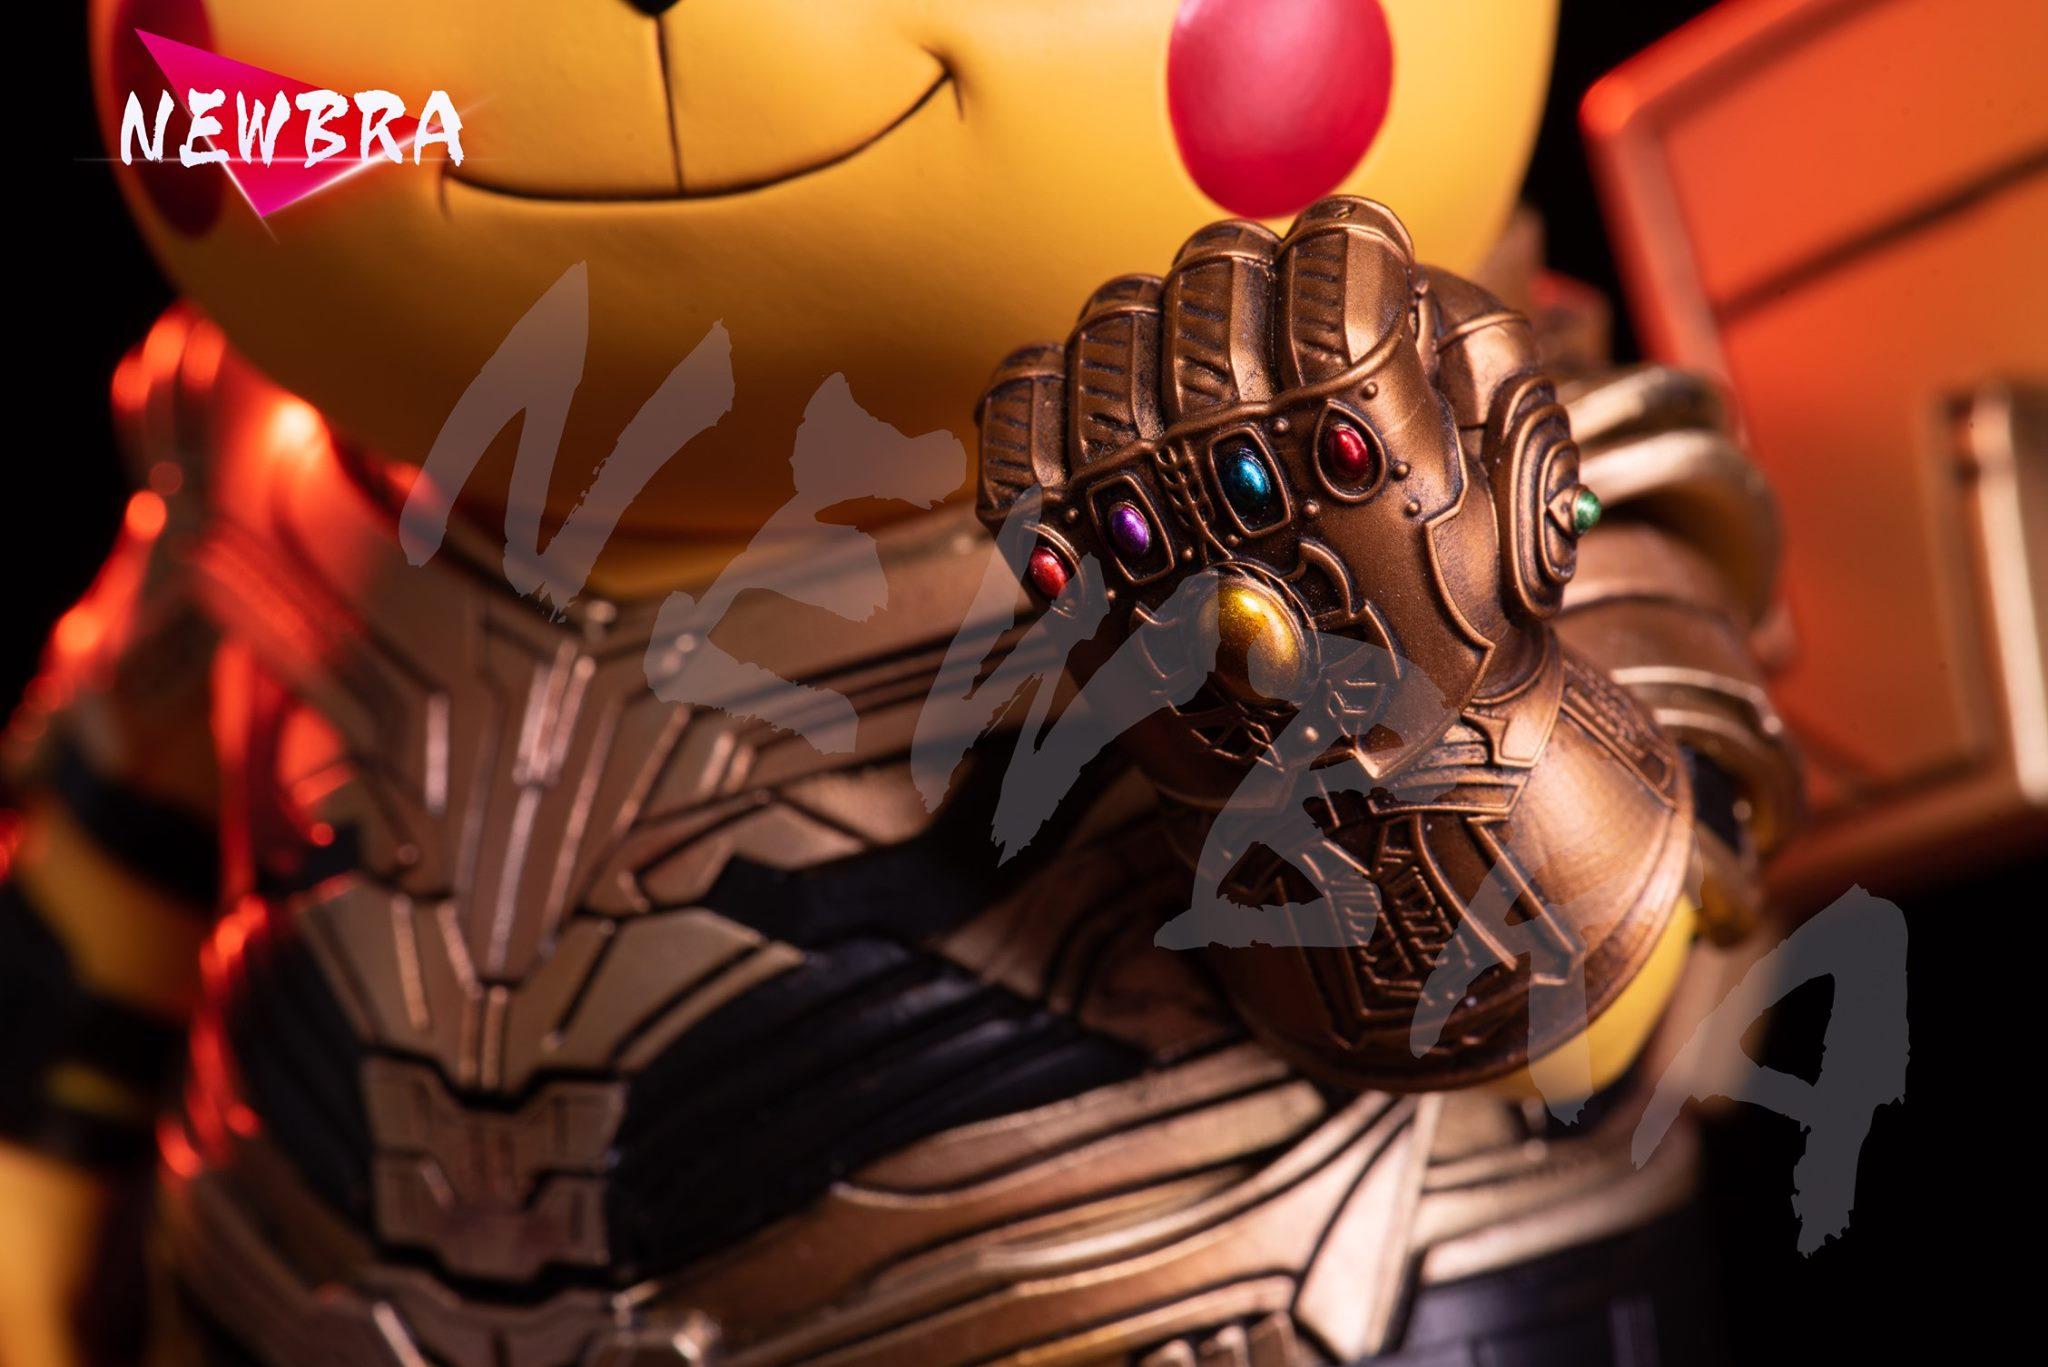 รีวิว Pikachu as Thanos by NEWBRA studio